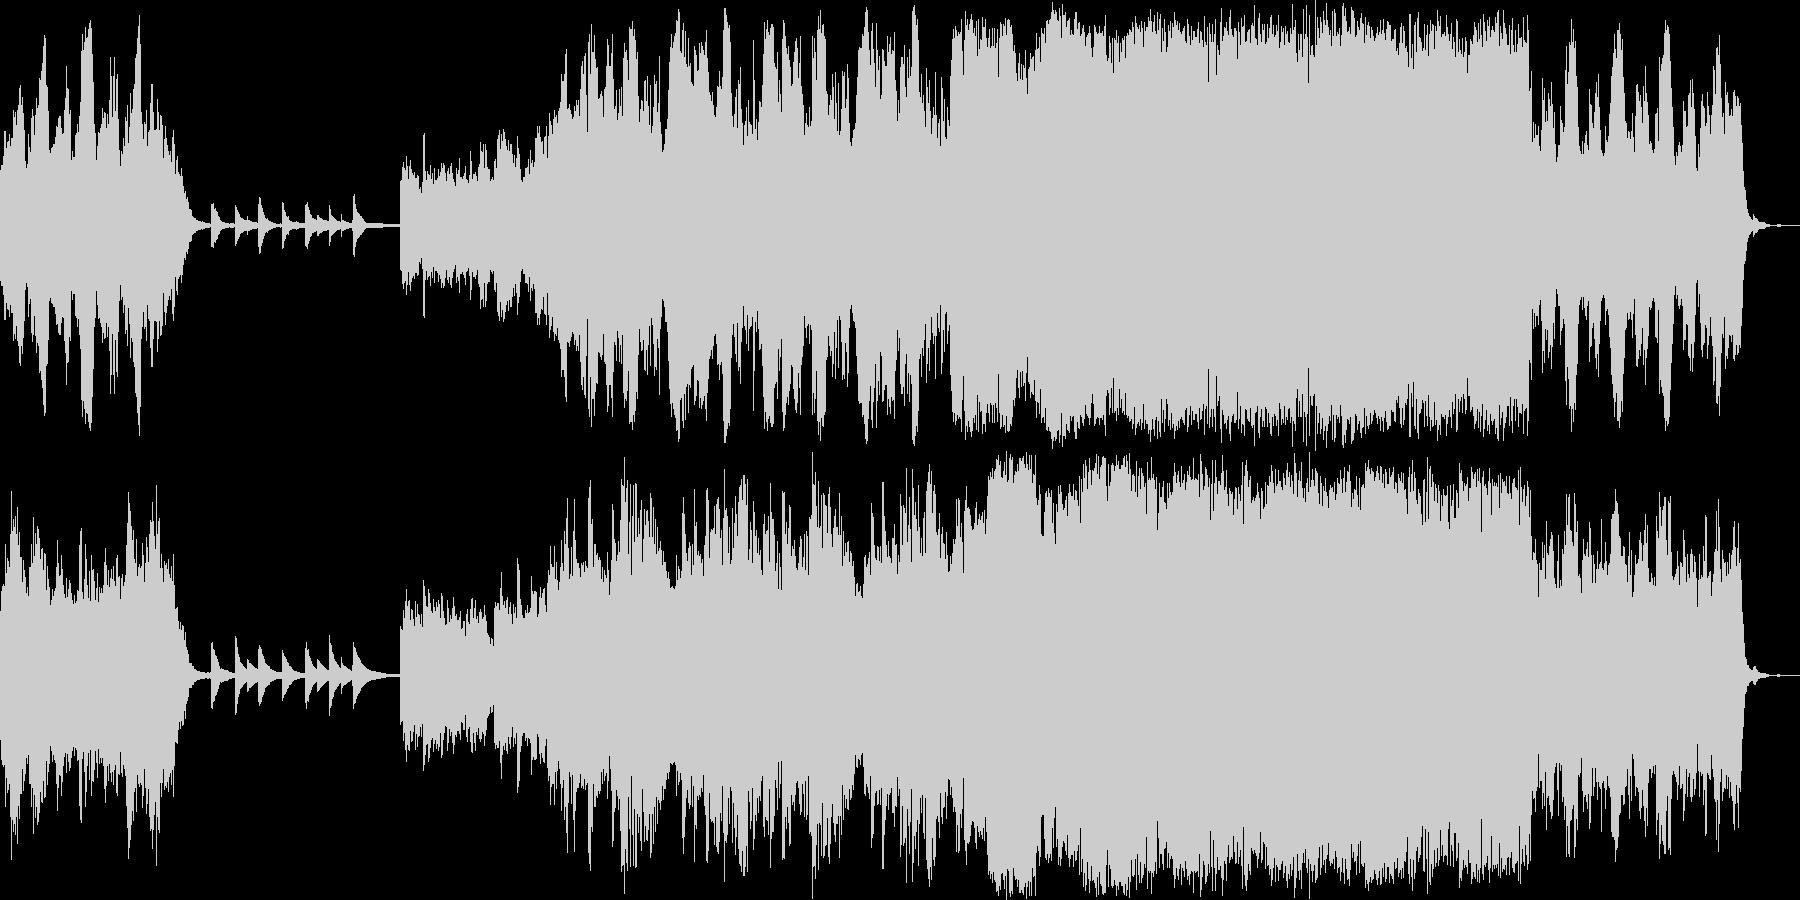 朝露をイメージしたサウンドトラックの未再生の波形